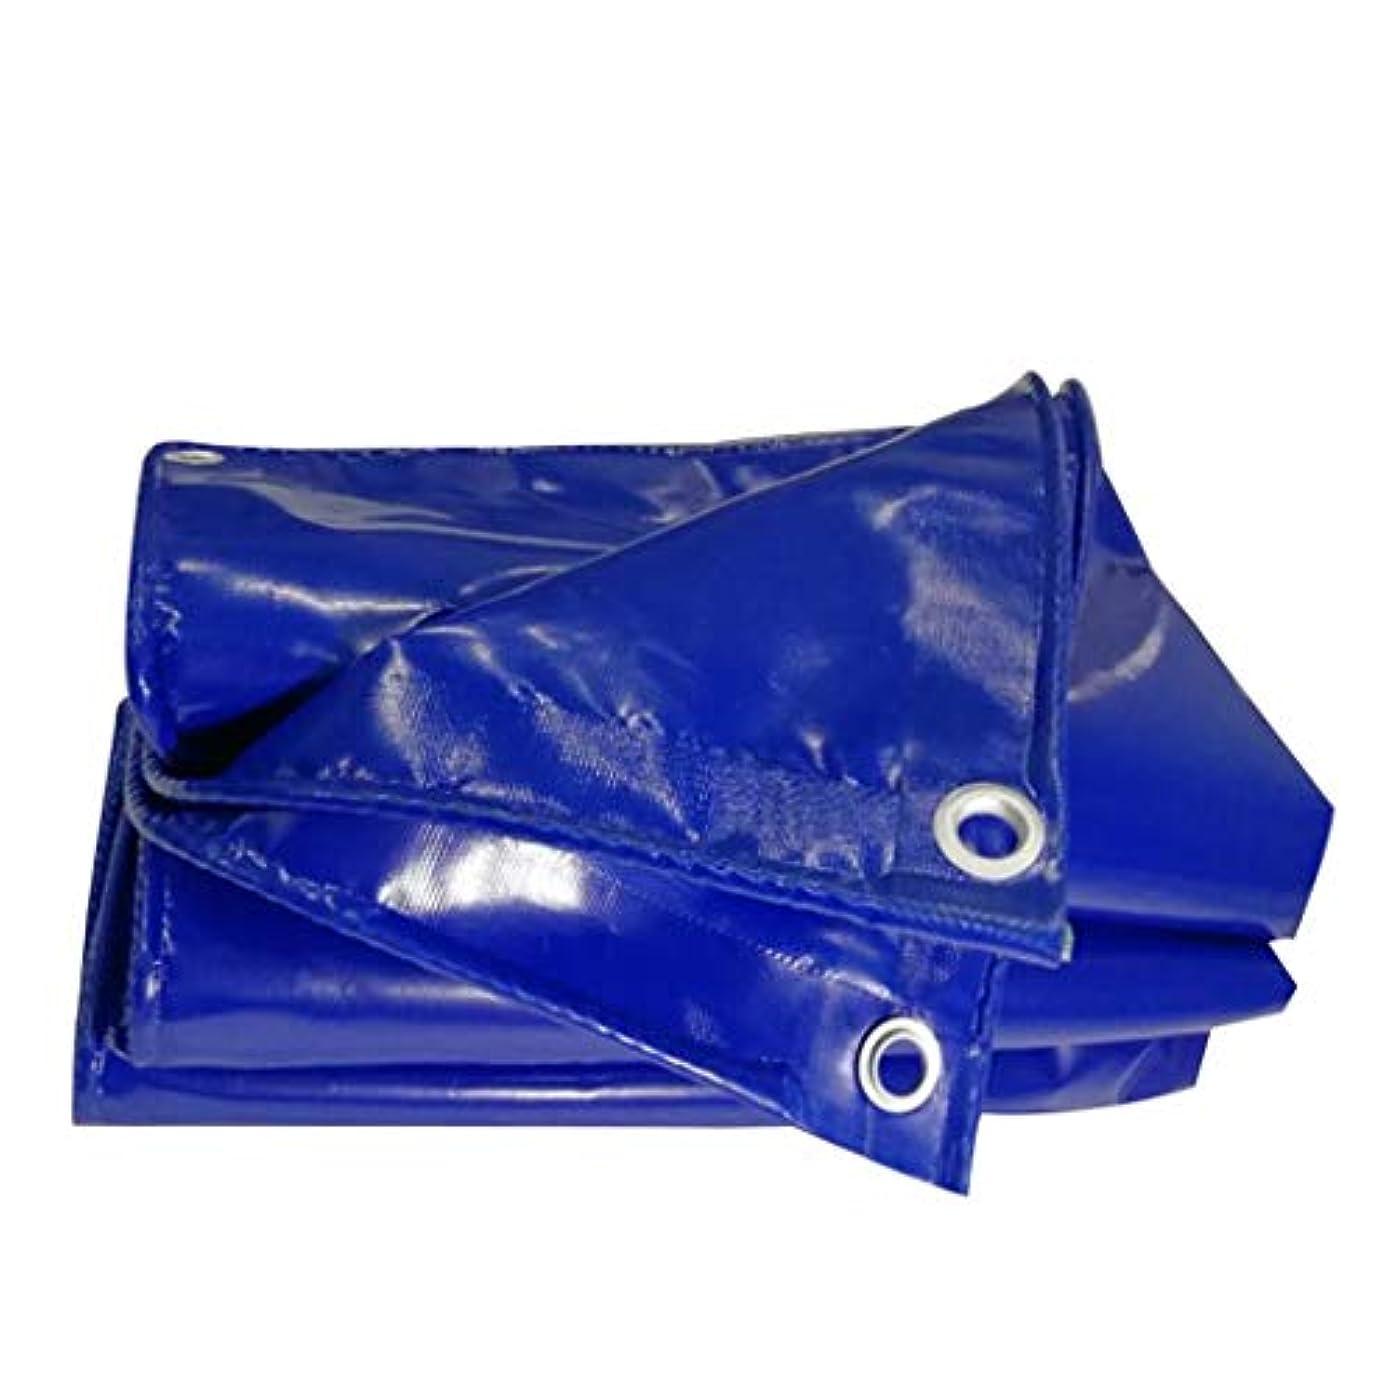 聴衆しばしばオペラタープ アイレット付き100%防水折りたたみ式ポリタープUV保護ターポリン耐摩耗性防風グランドシートカバーブルー